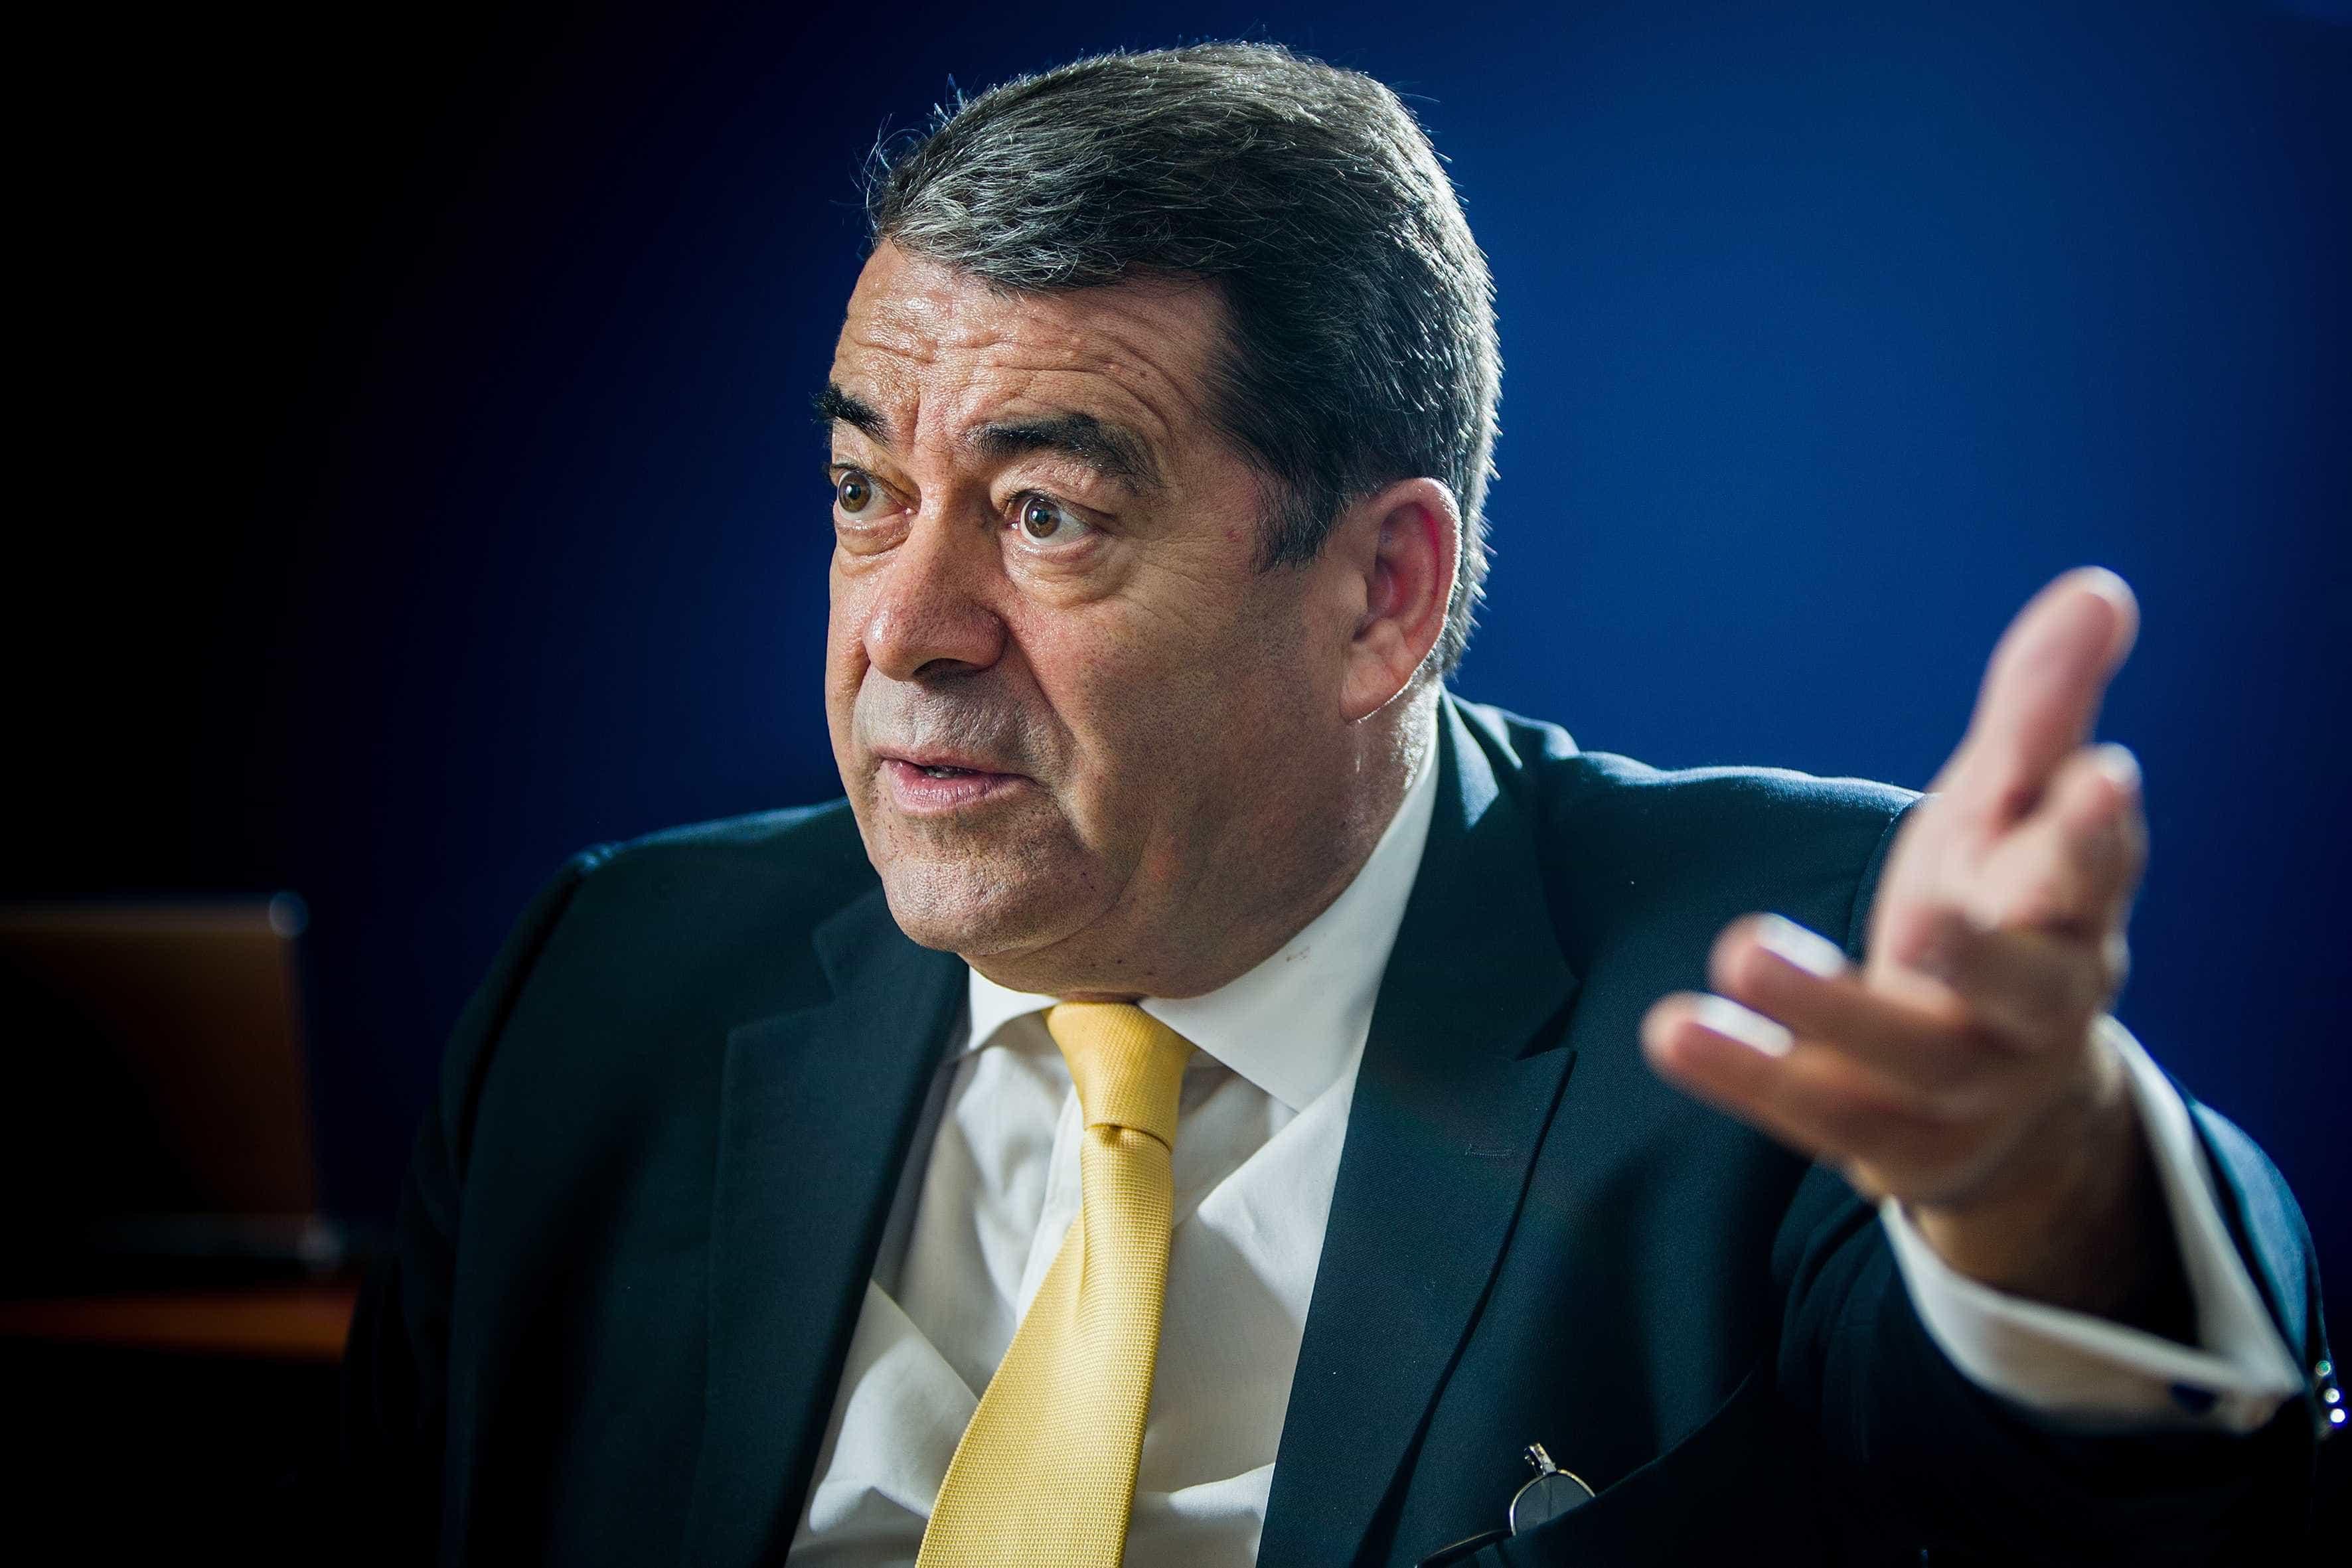 Marinho e Pinto é cabeça de lista do PDR e quer refundação da UE